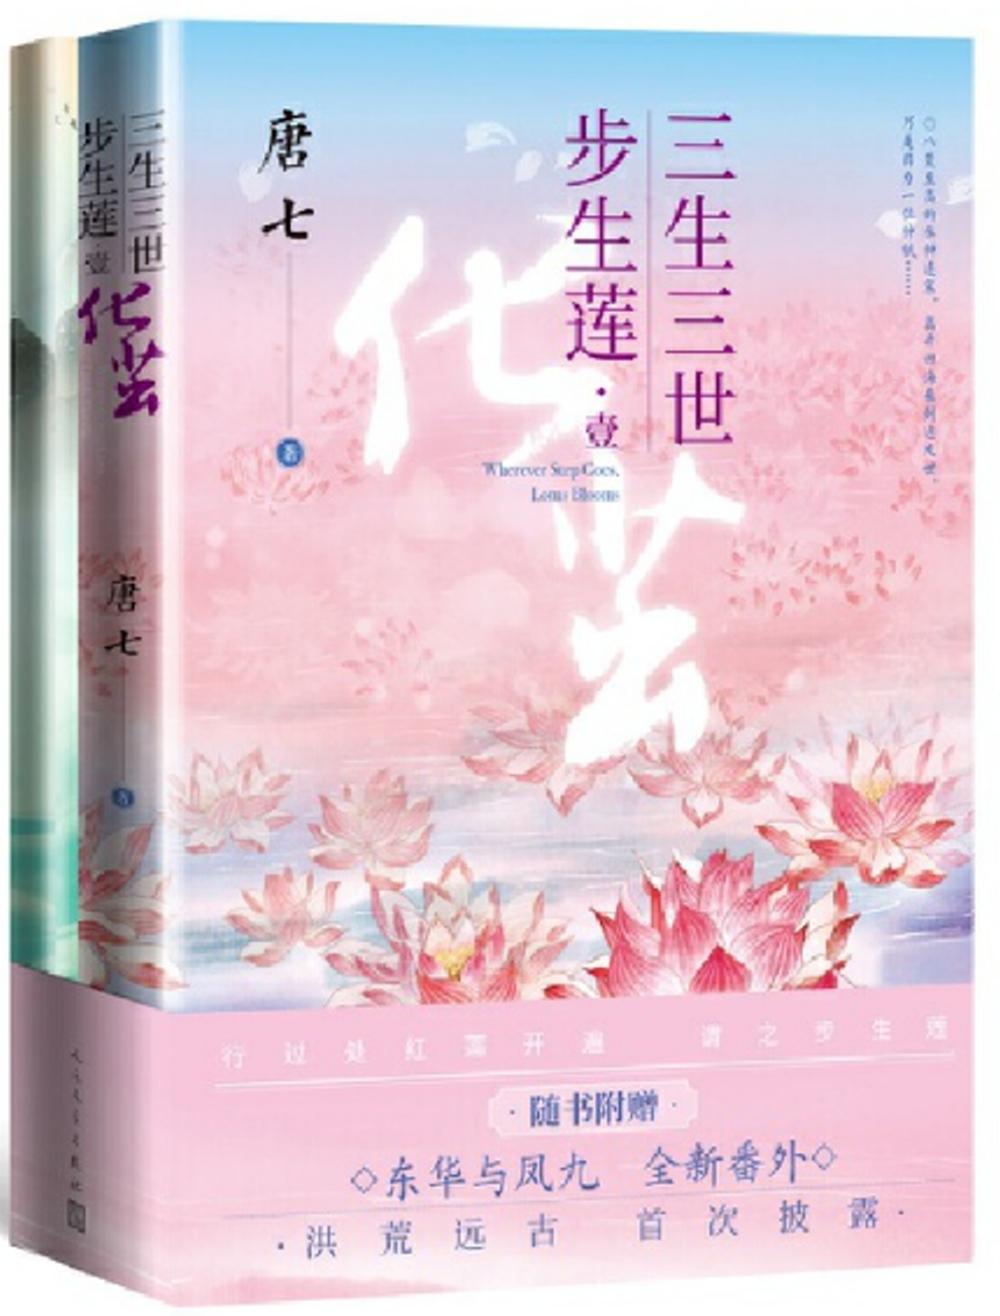 三生三世步生蓮(壹):化繭